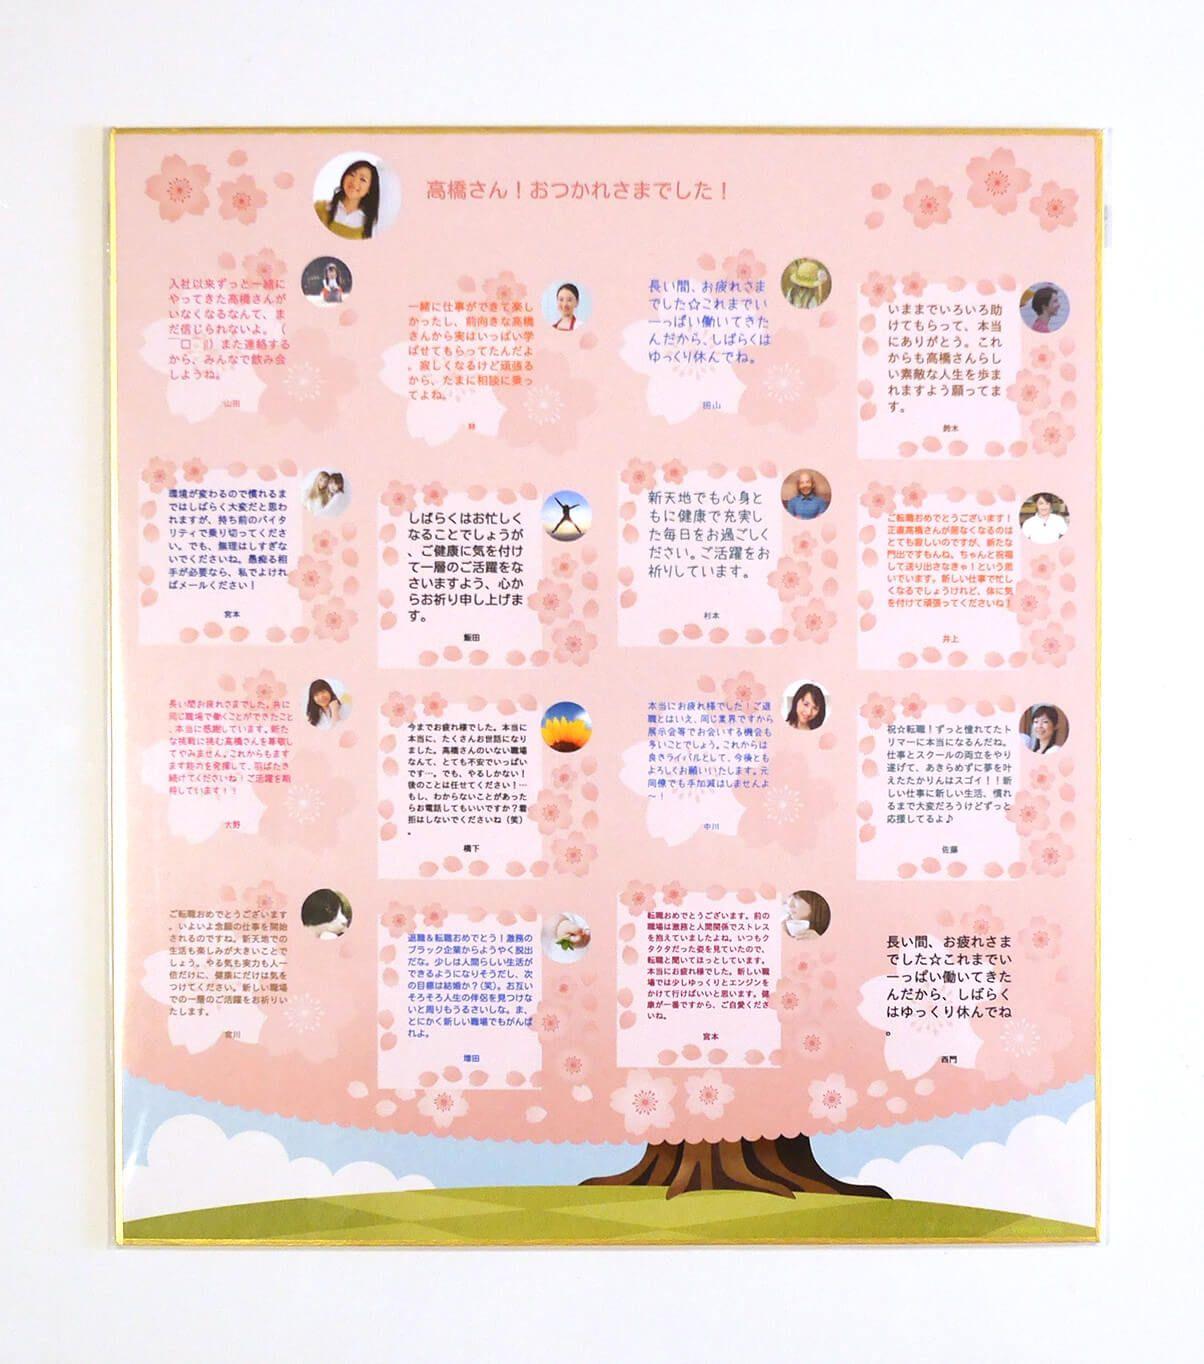 桜舞う季節 送別卒業引退の寄せ書き色紙デザイン オンライン